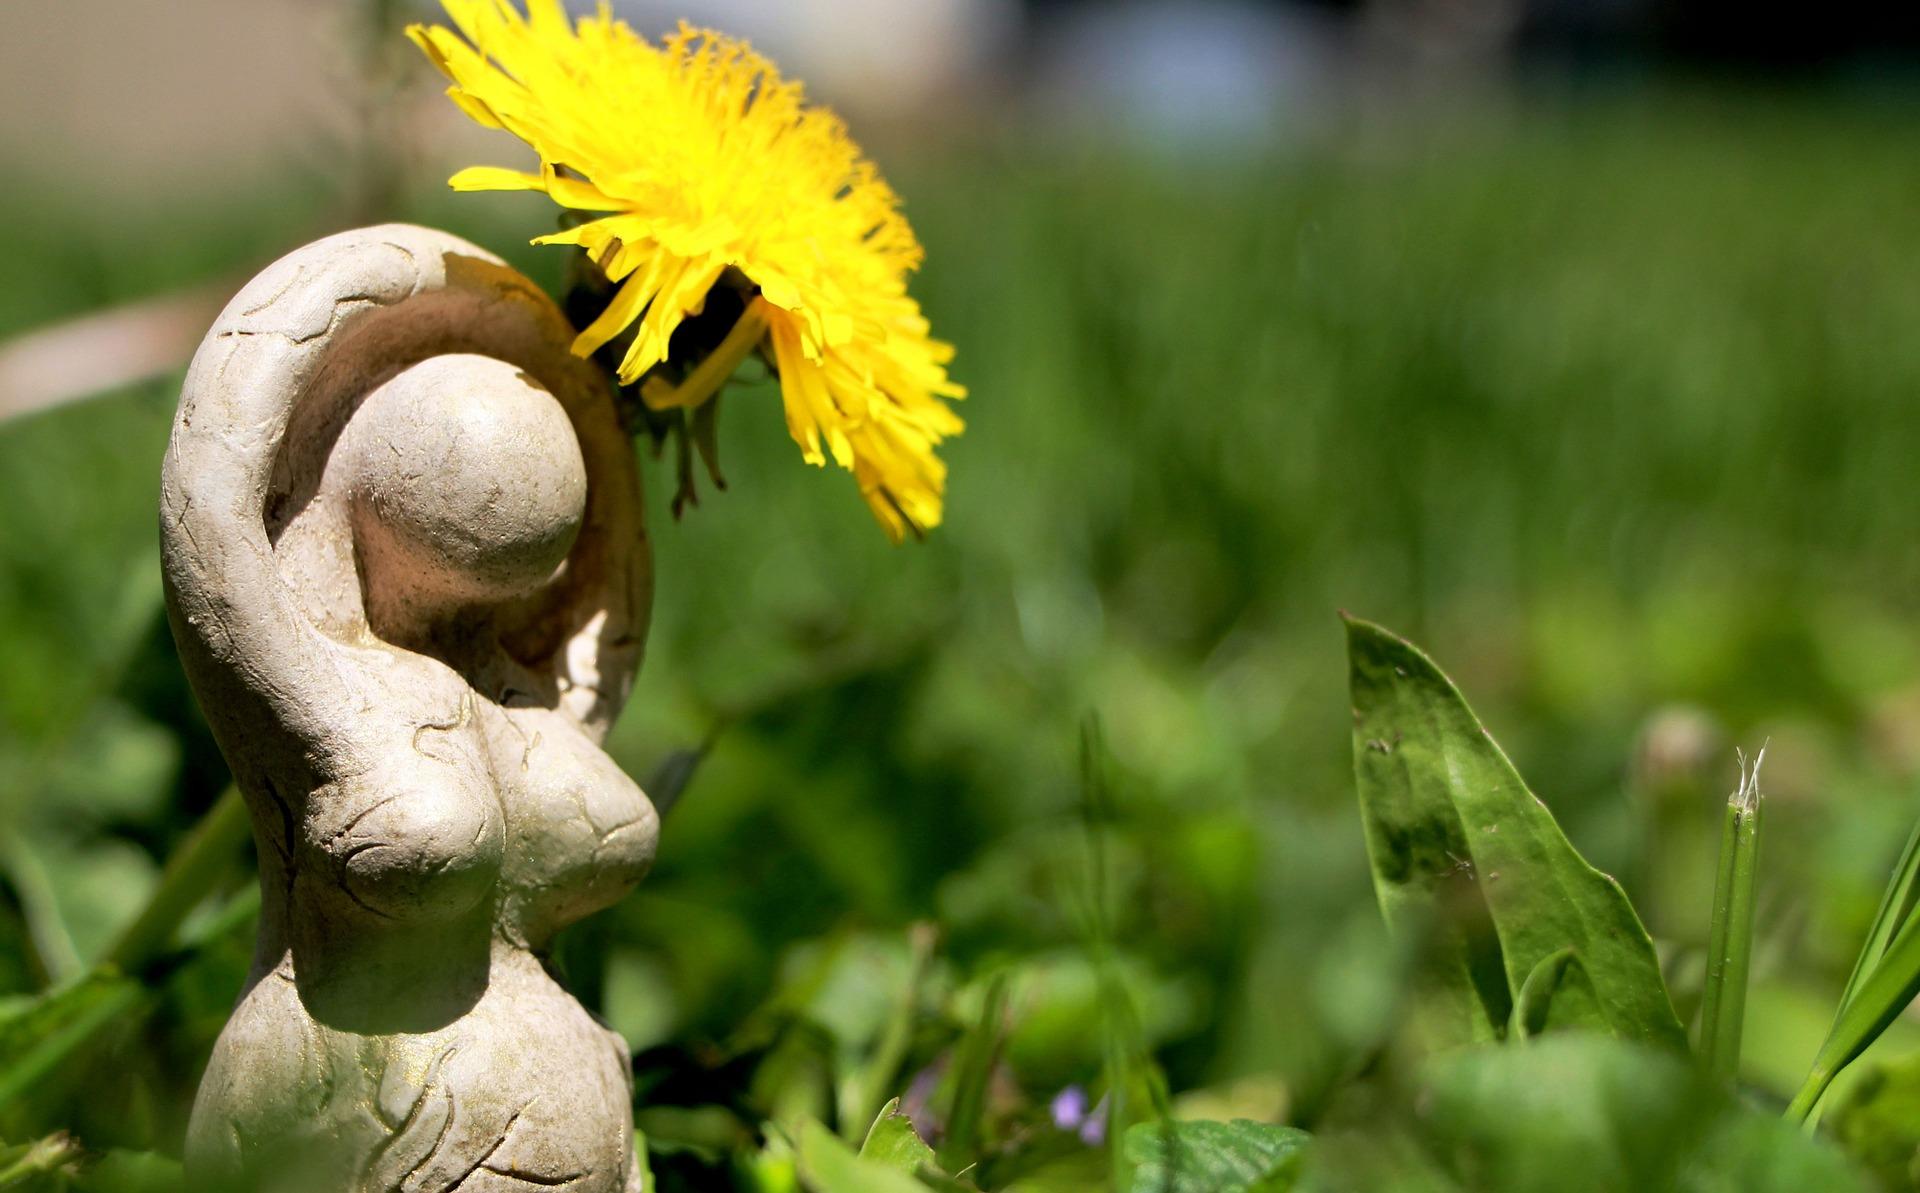 Mutter Natur Statue steht neben Löwenzahnblüte